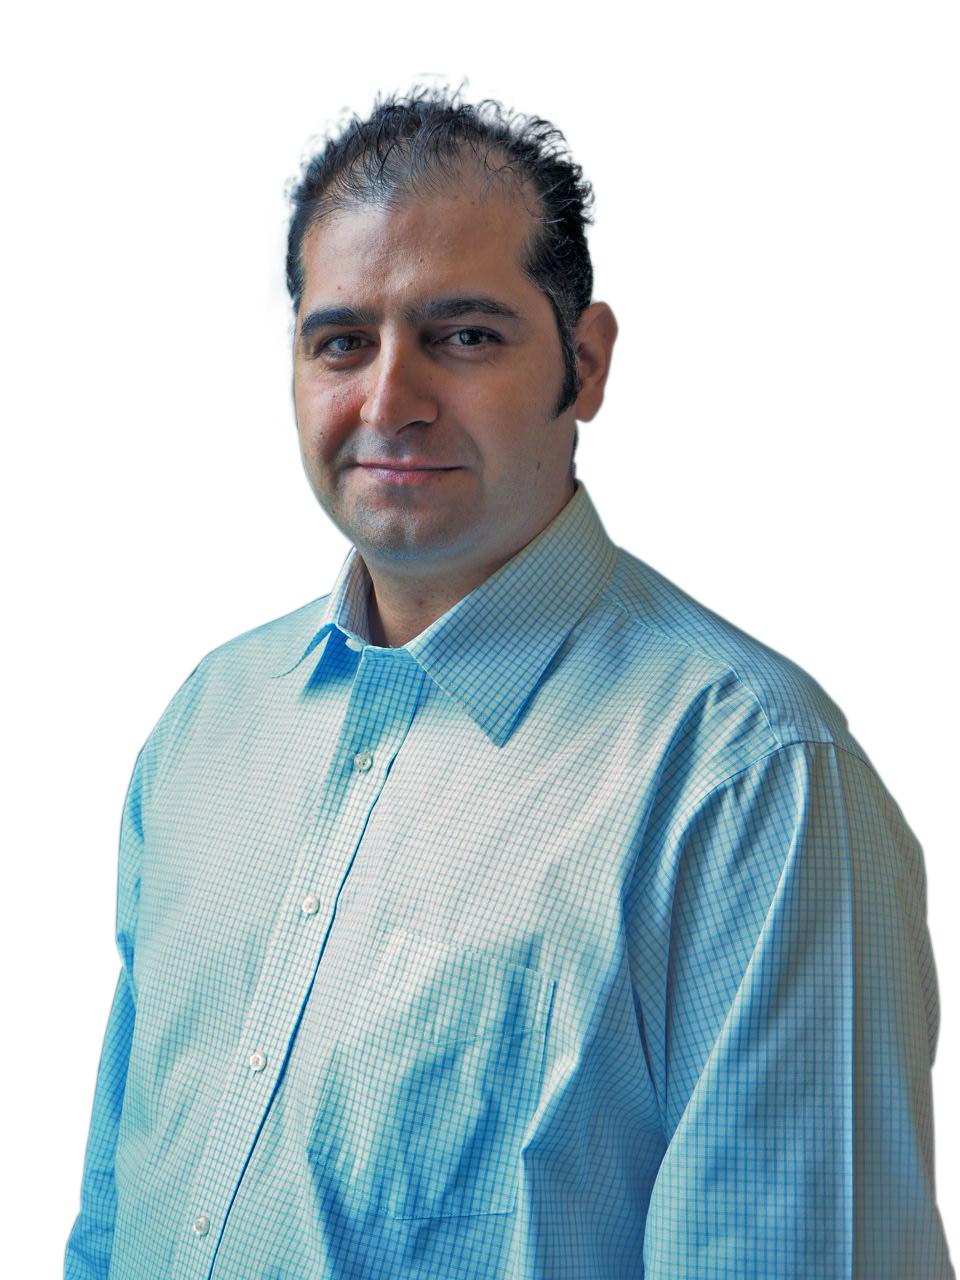 John Campo